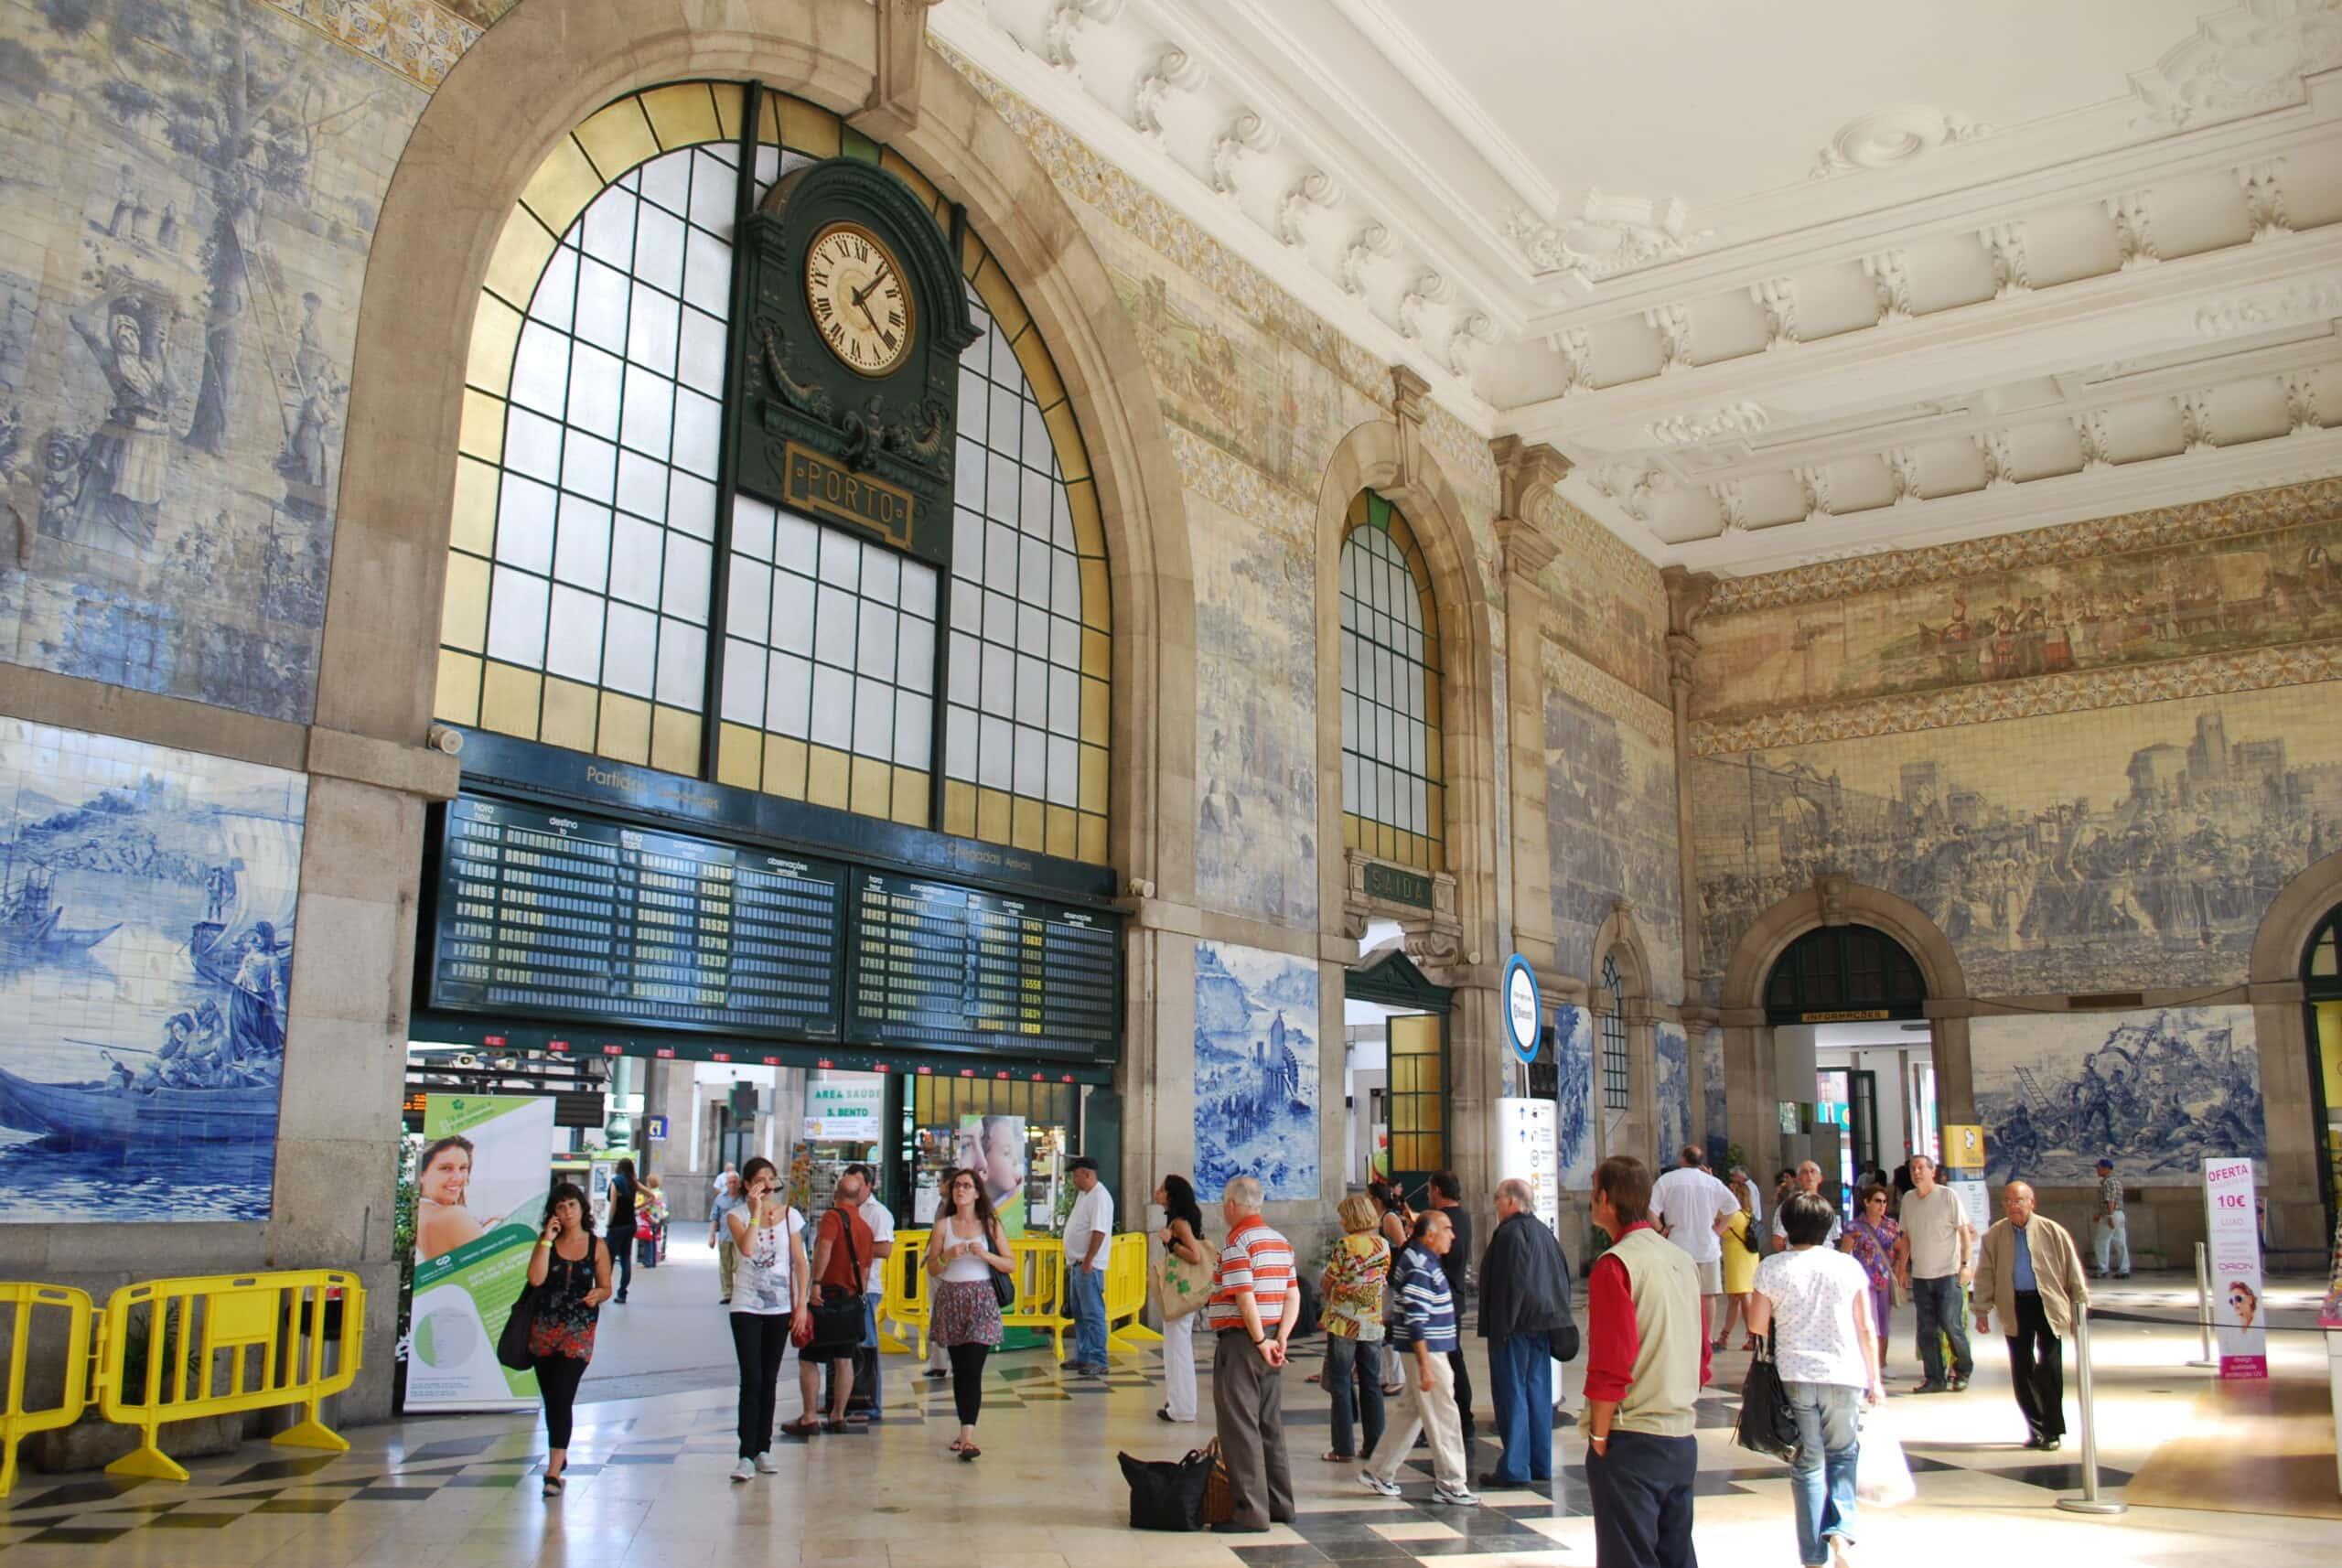 Estación de tren de San Bento